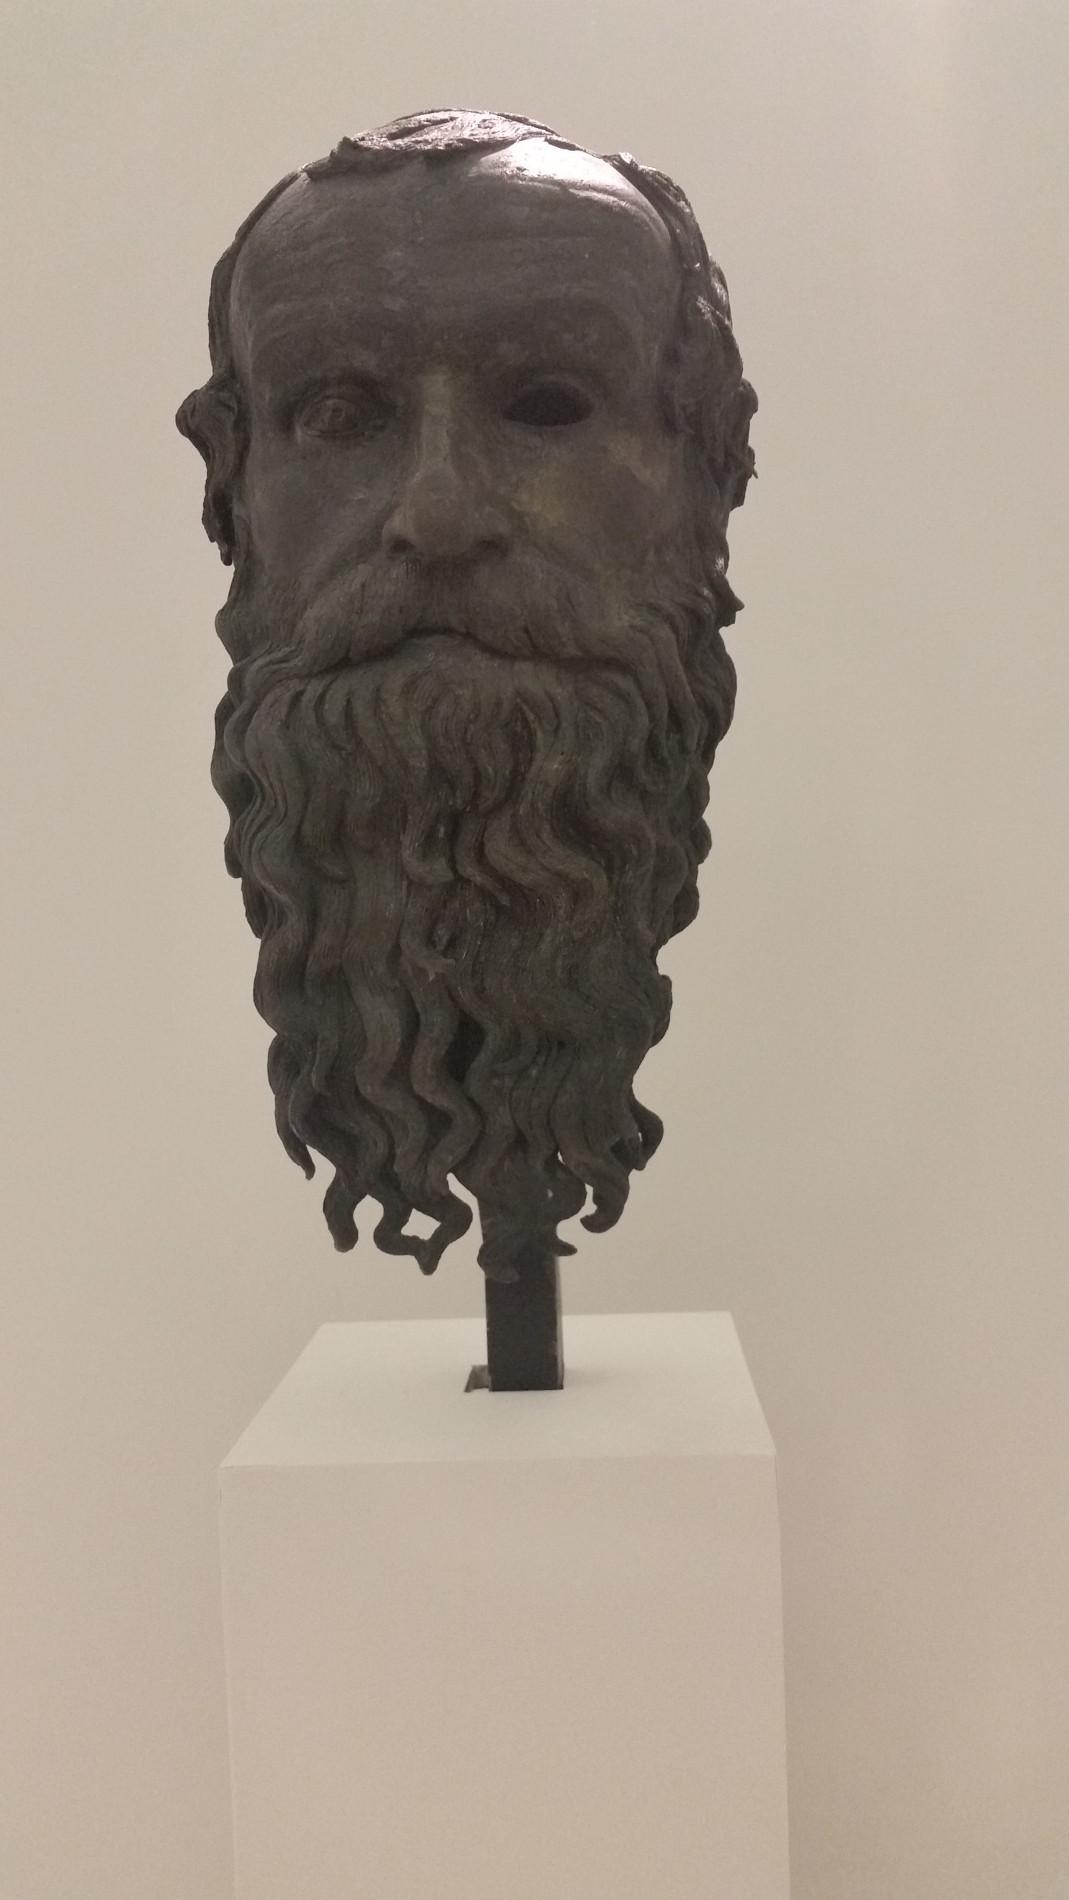 Il Museo Nazionale della Magna Grecia a Reggio Calabria, testa del filosofo